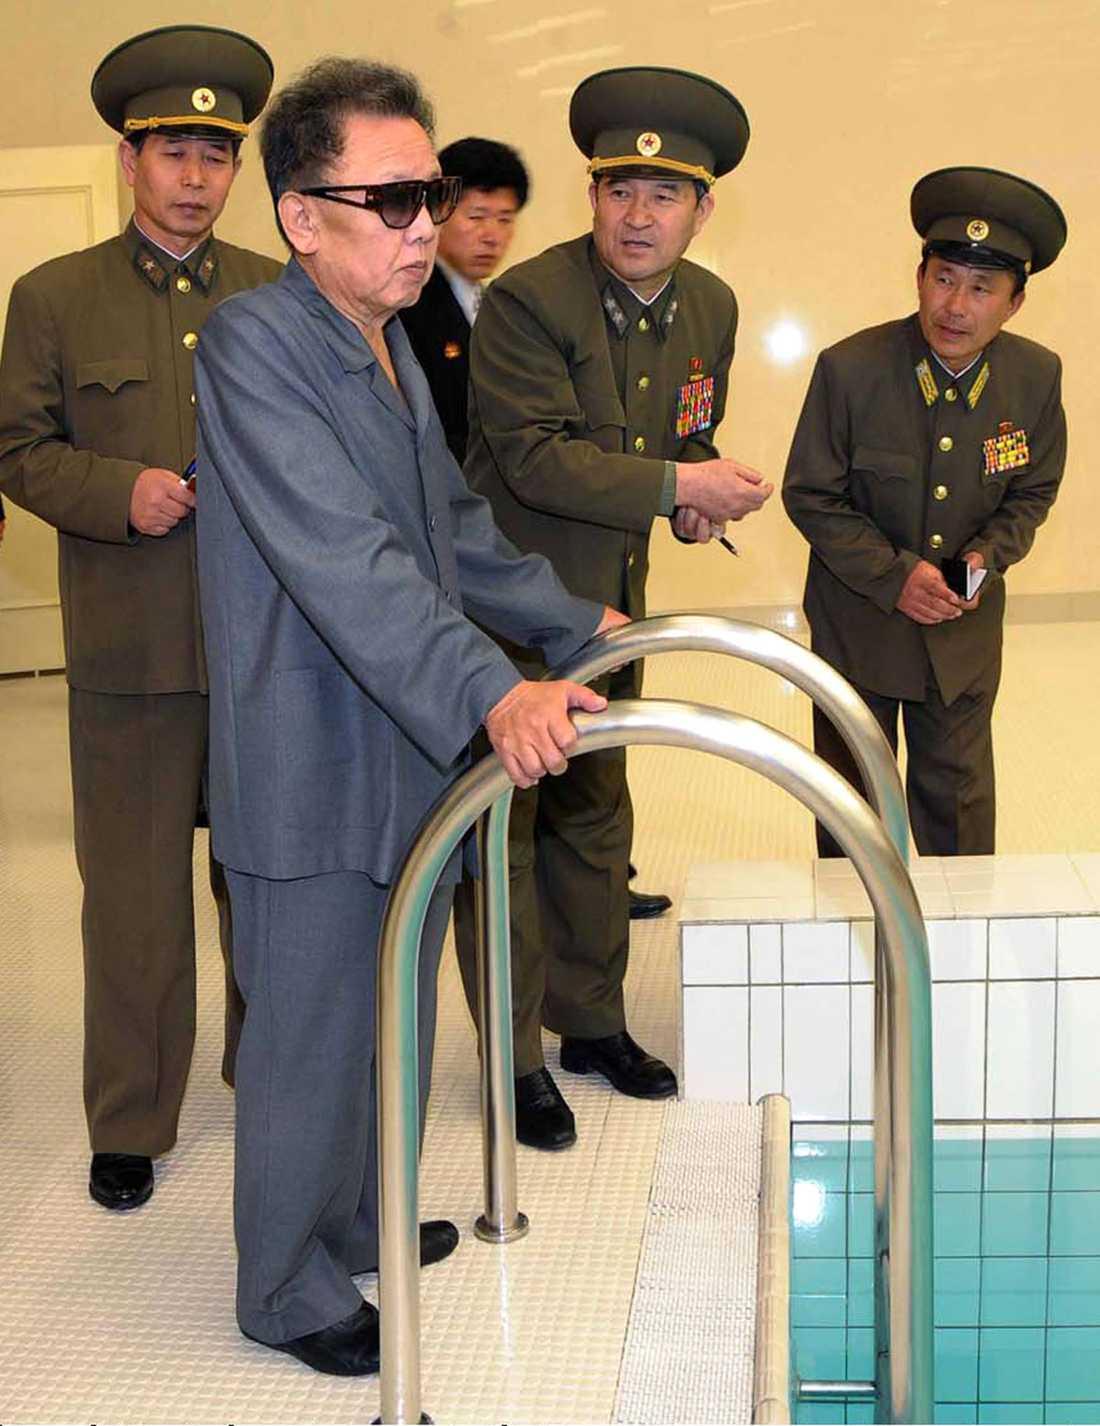 KIM TITTAR PÅ VATTEN Kim Jong Il inspekterar den nya bassängen på universitetet i Pyongyang. Likt Mao Zedong i Kina är även Kim Jong Il en simmare i världsklass.